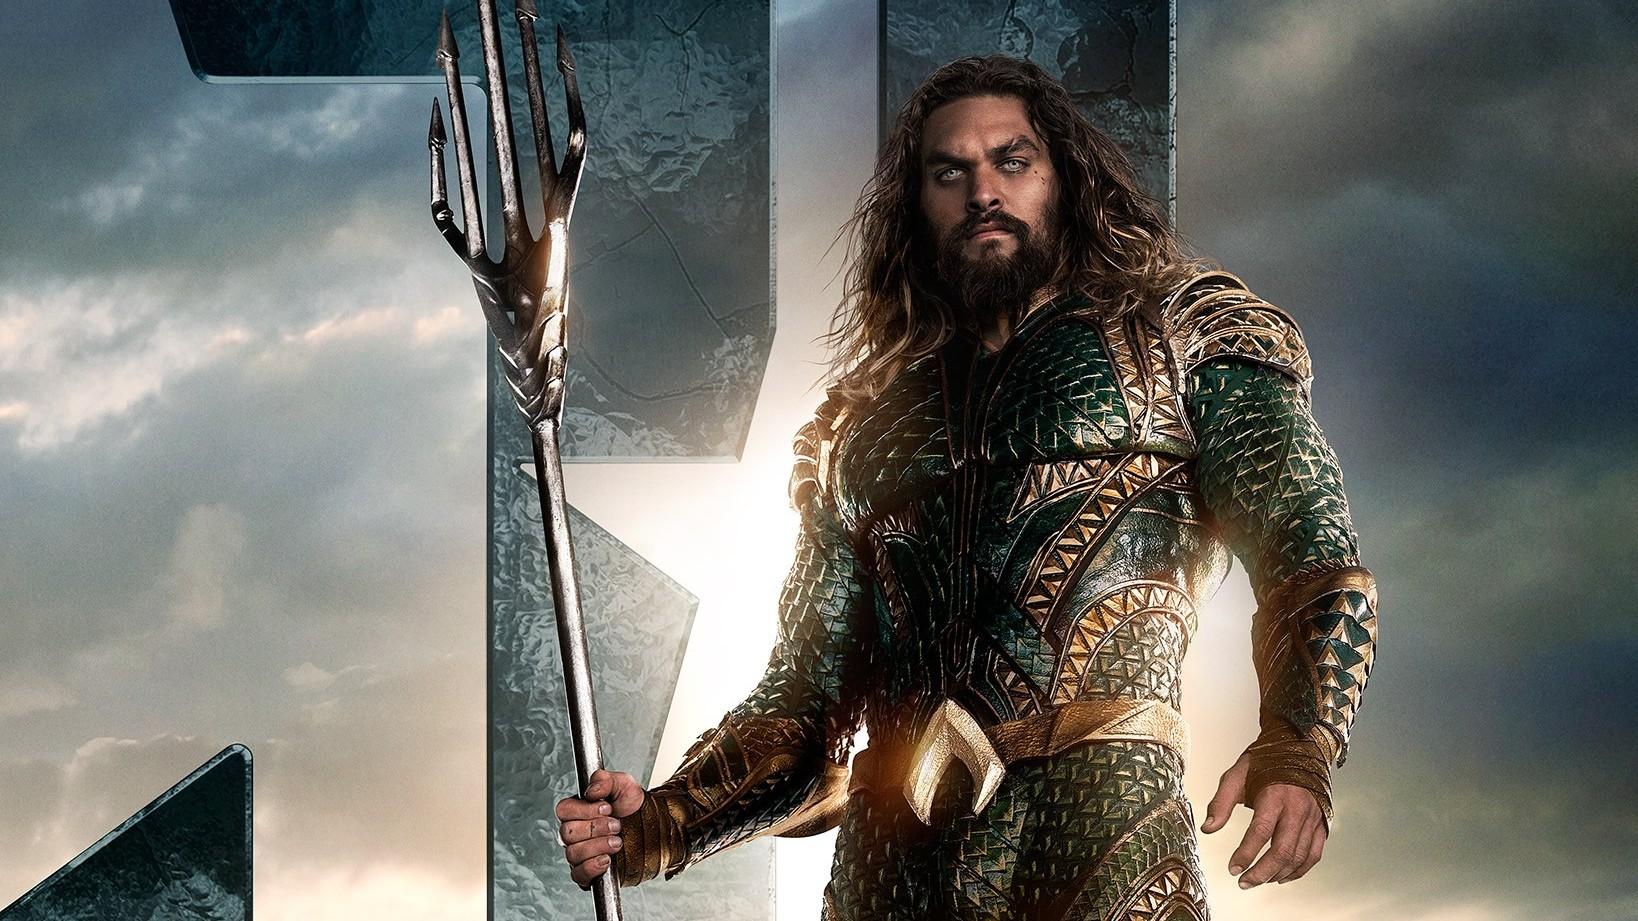 Justice-League-Poster-Aquaman-F